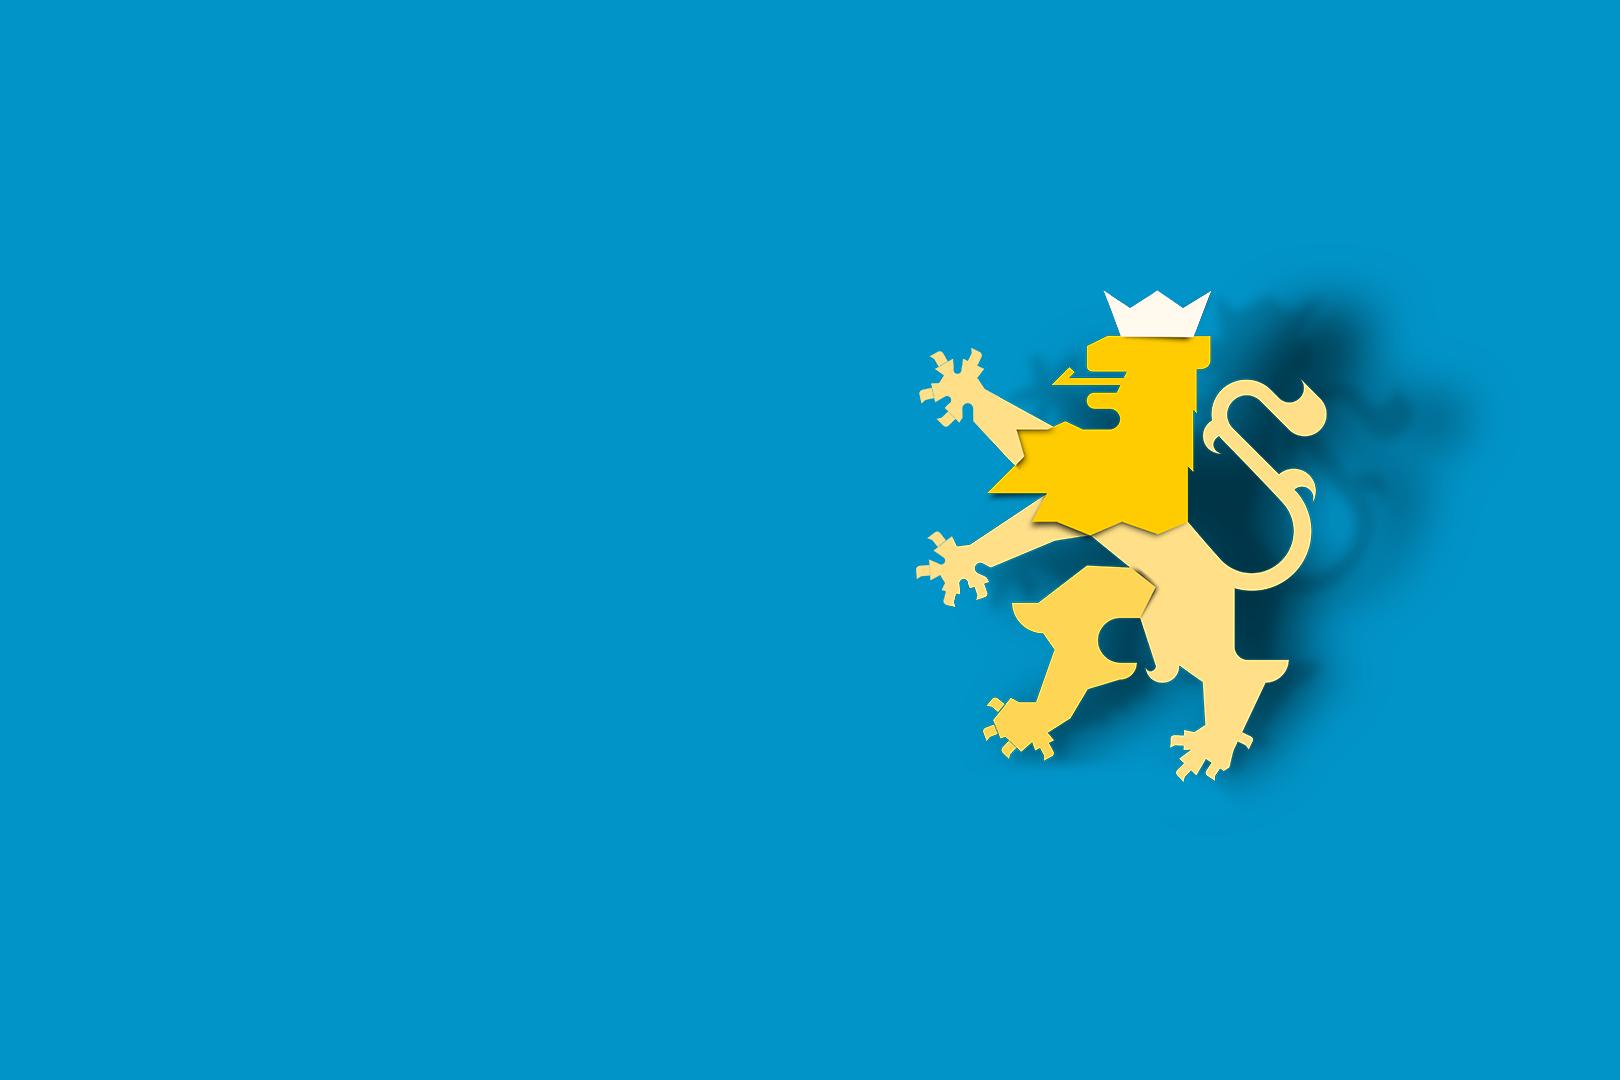 Wappen Löwe auf Blau